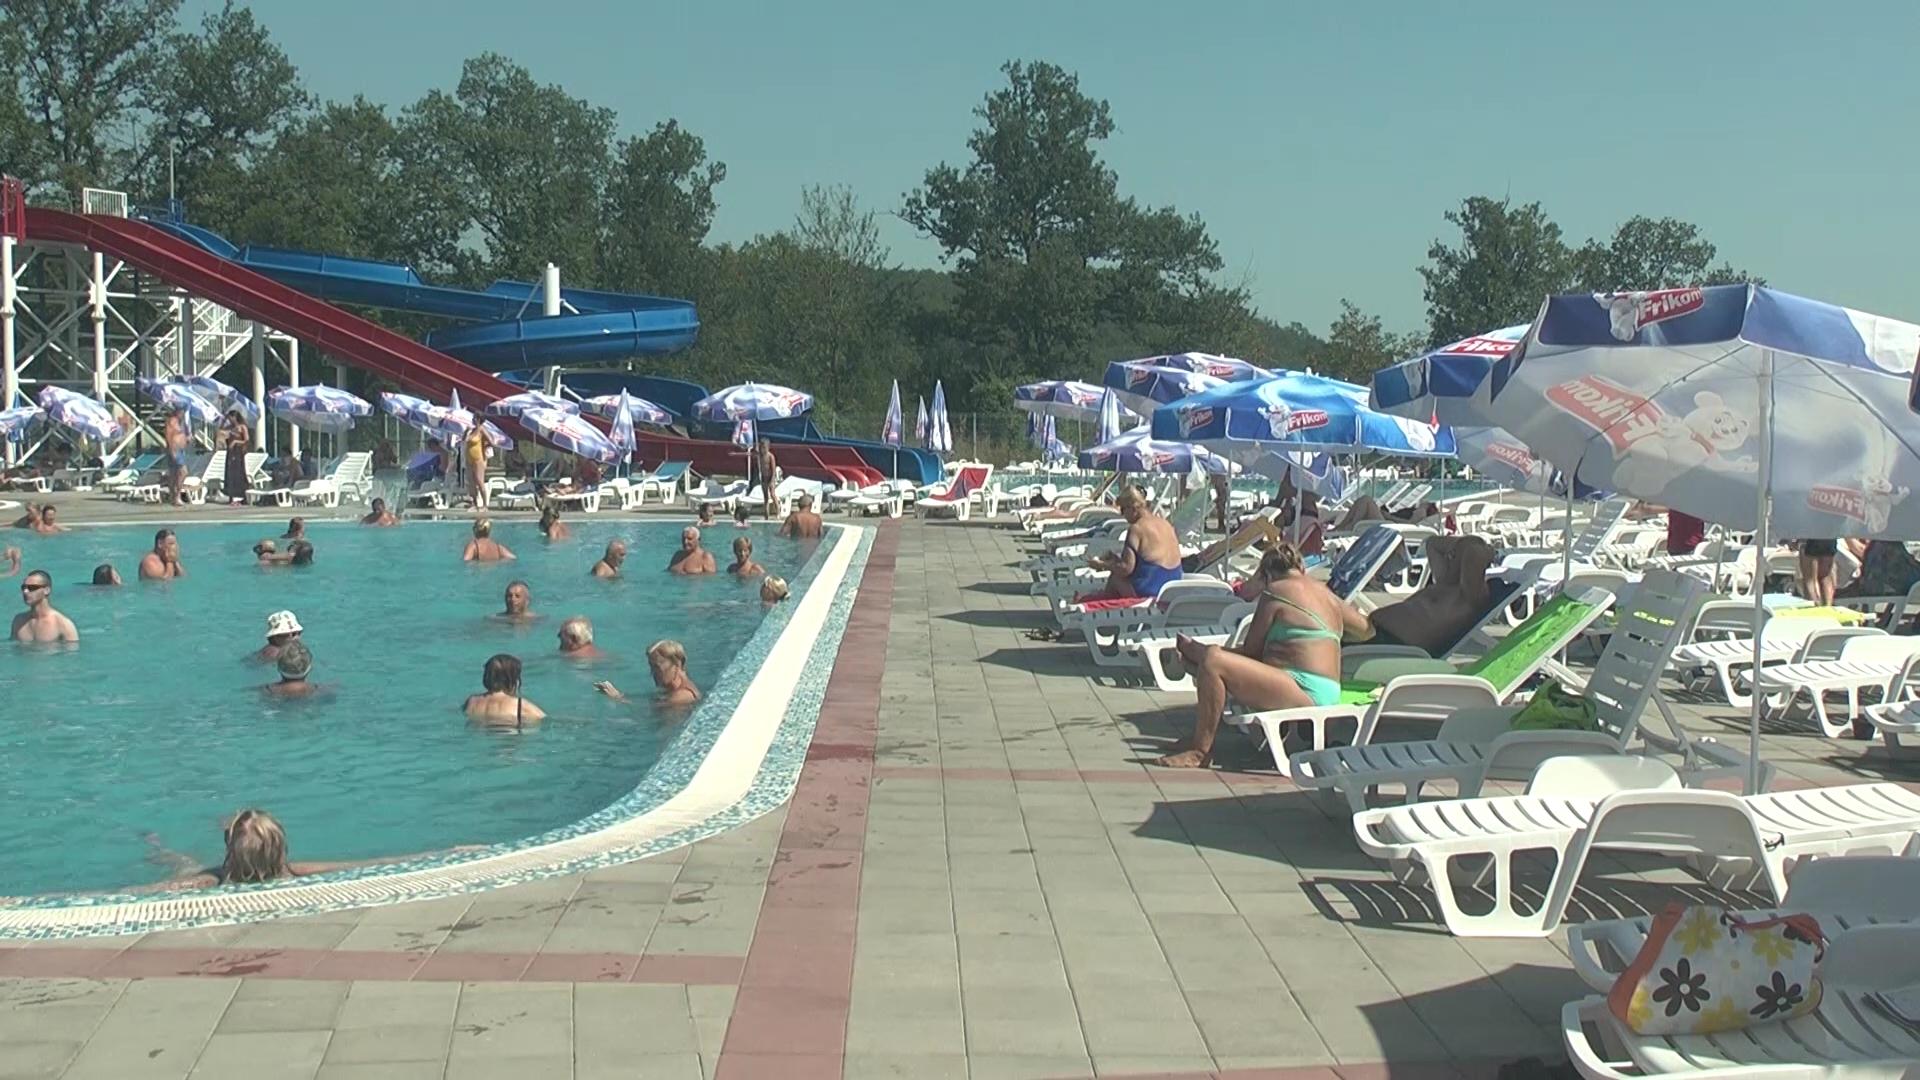 Kapacitet Specijalne bolnice Ribarska Banja popunjen 70 odsto, zbog preporuka resornog ministarstva